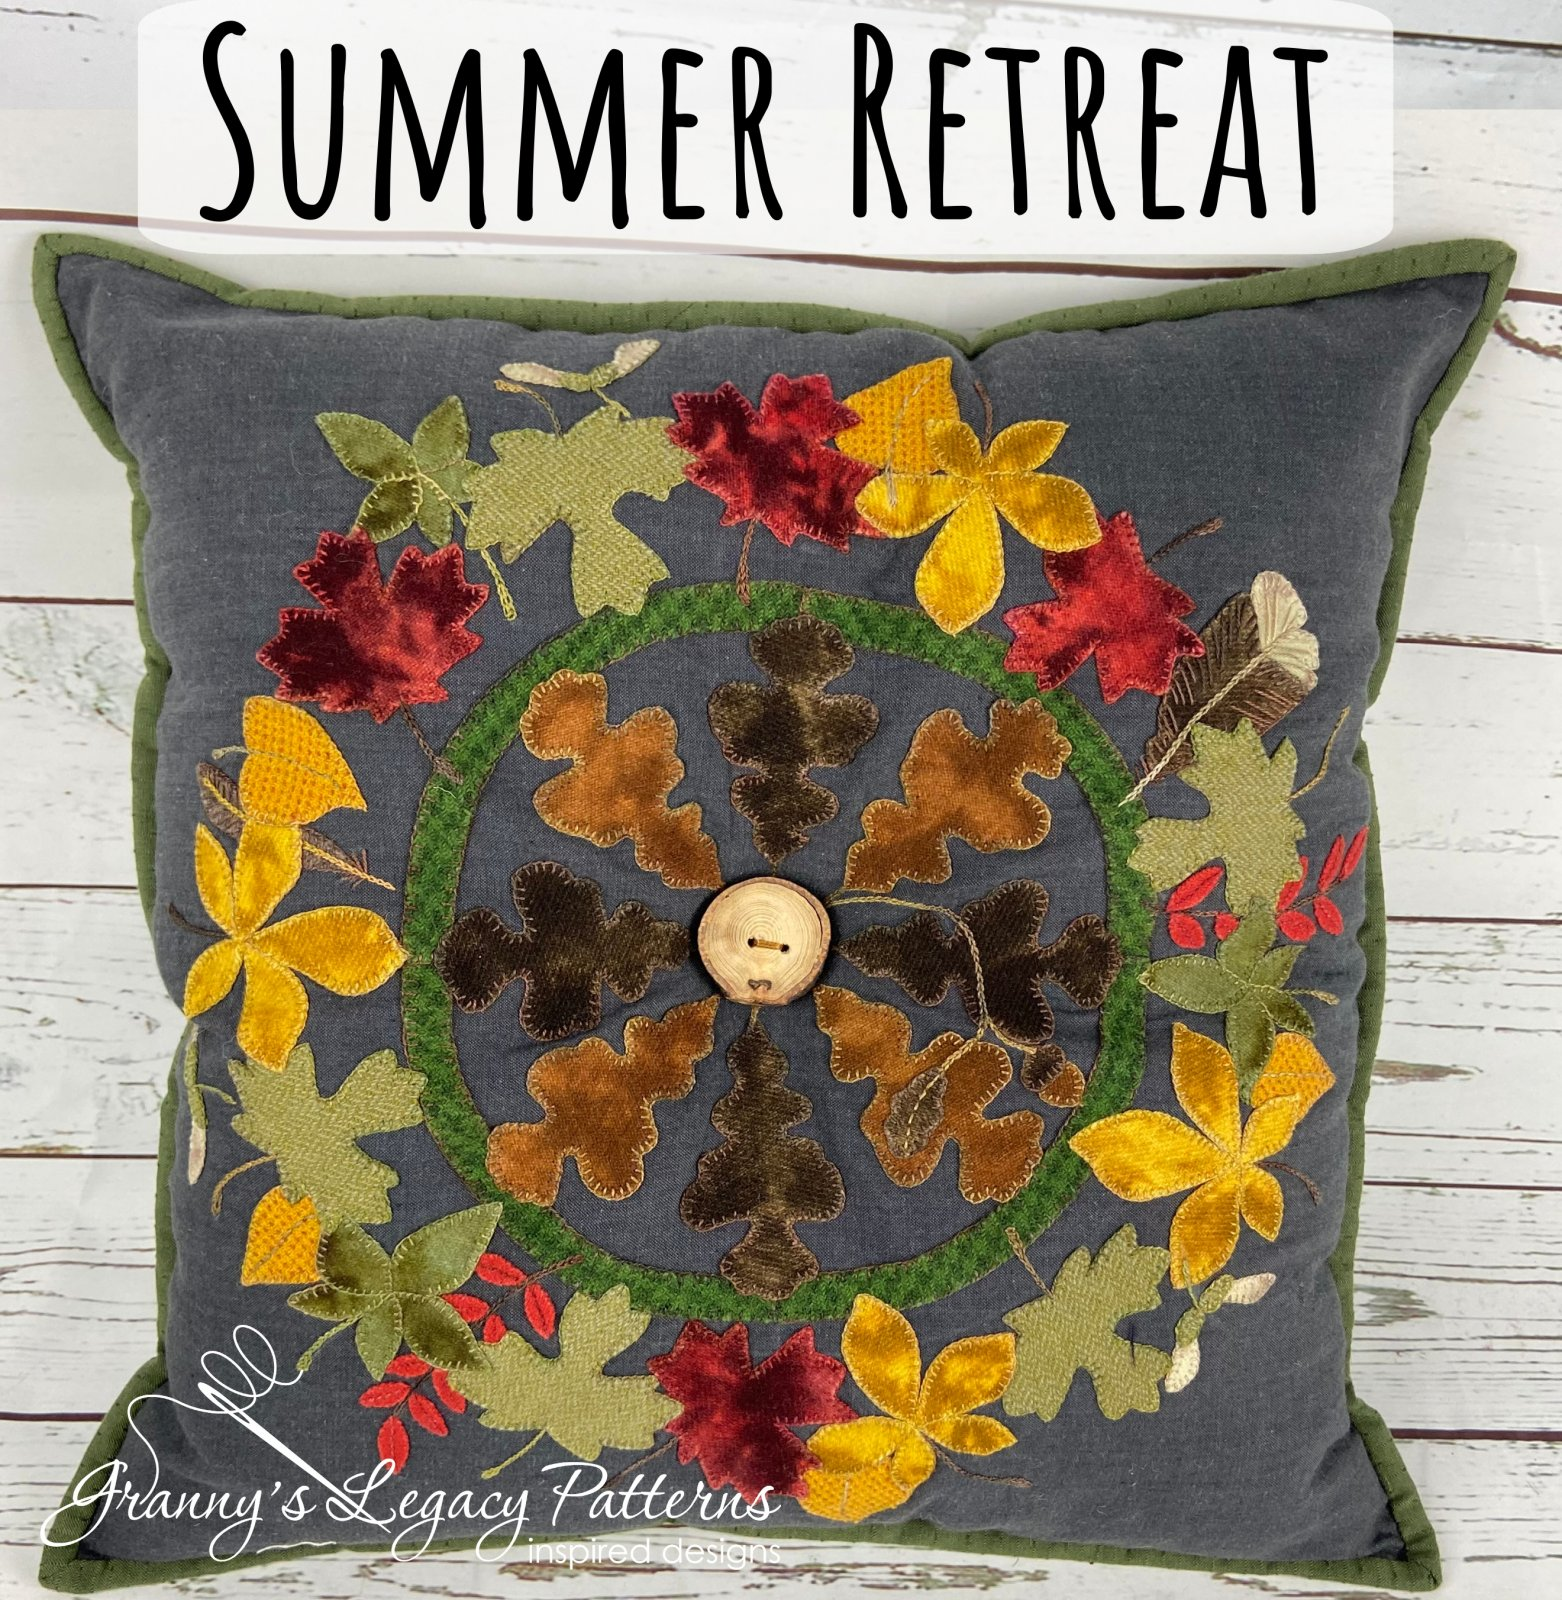 REGISTRATION: Summer Retreat